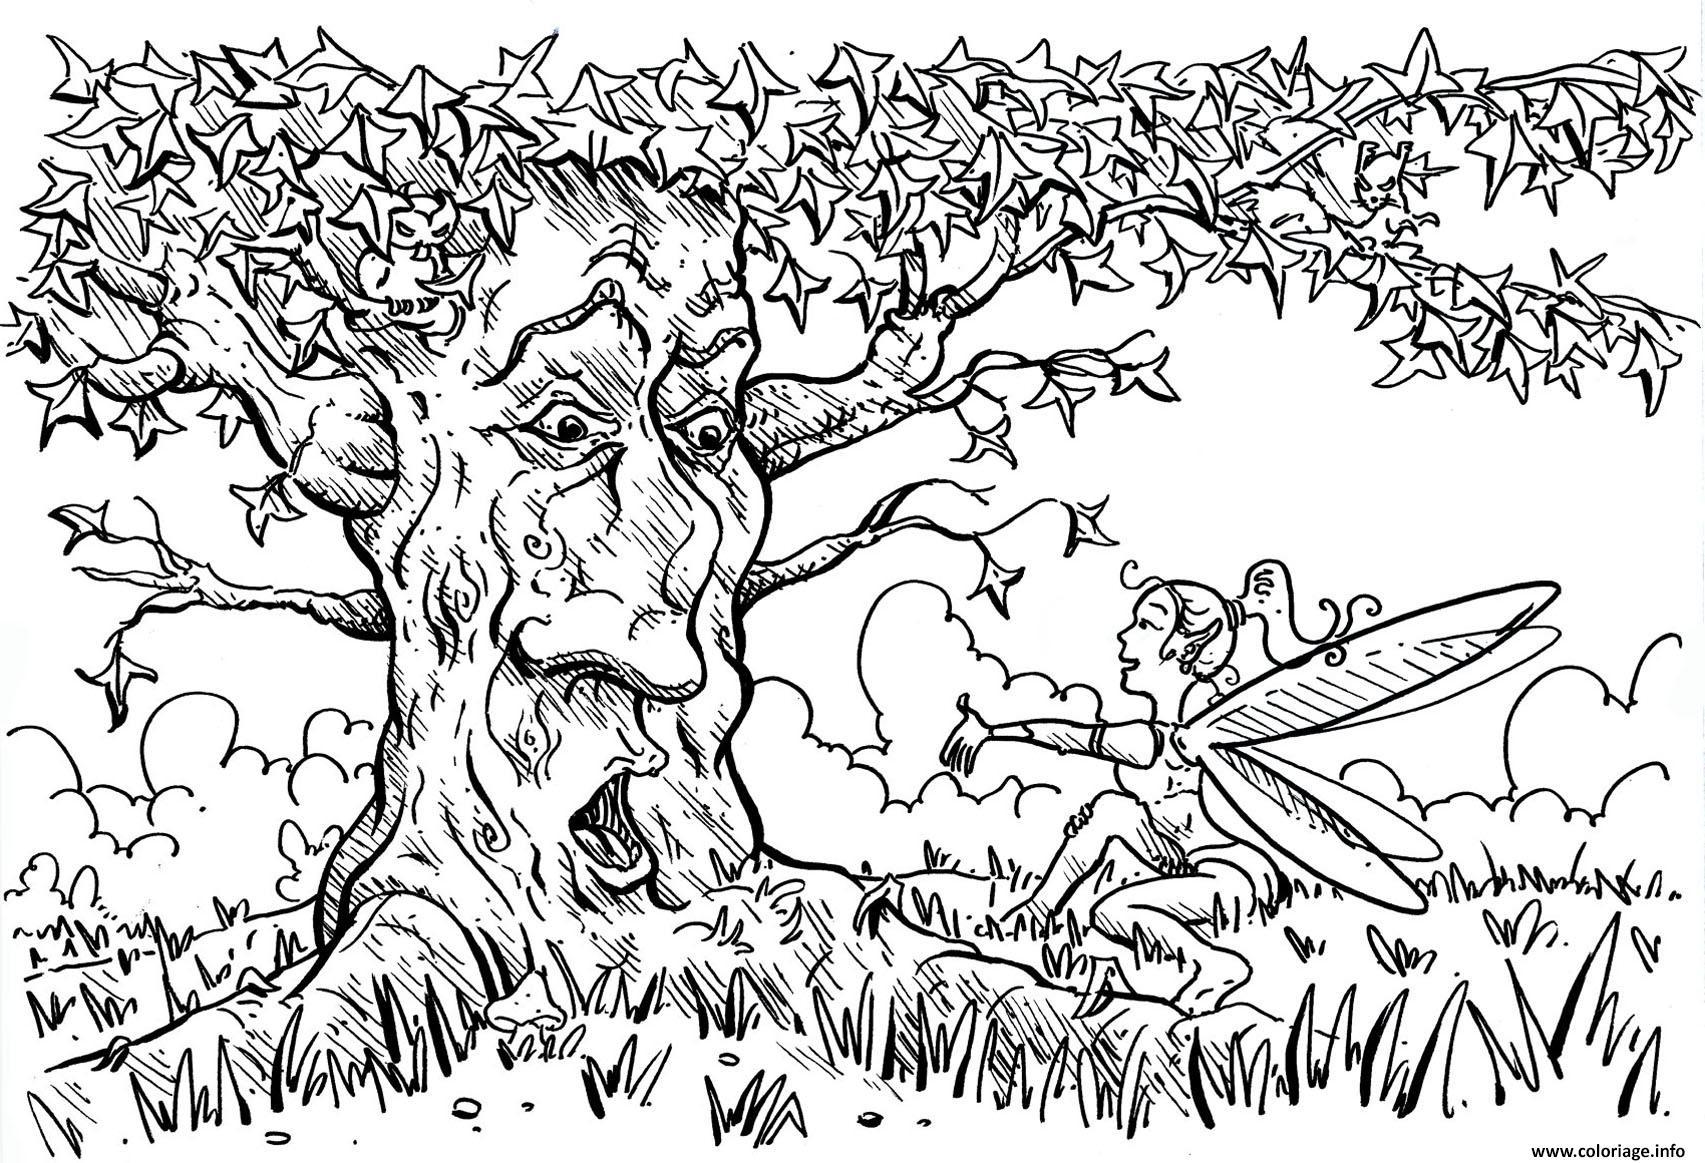 Coloriage pour adultes arbre dessin - Coloriages adultes ...